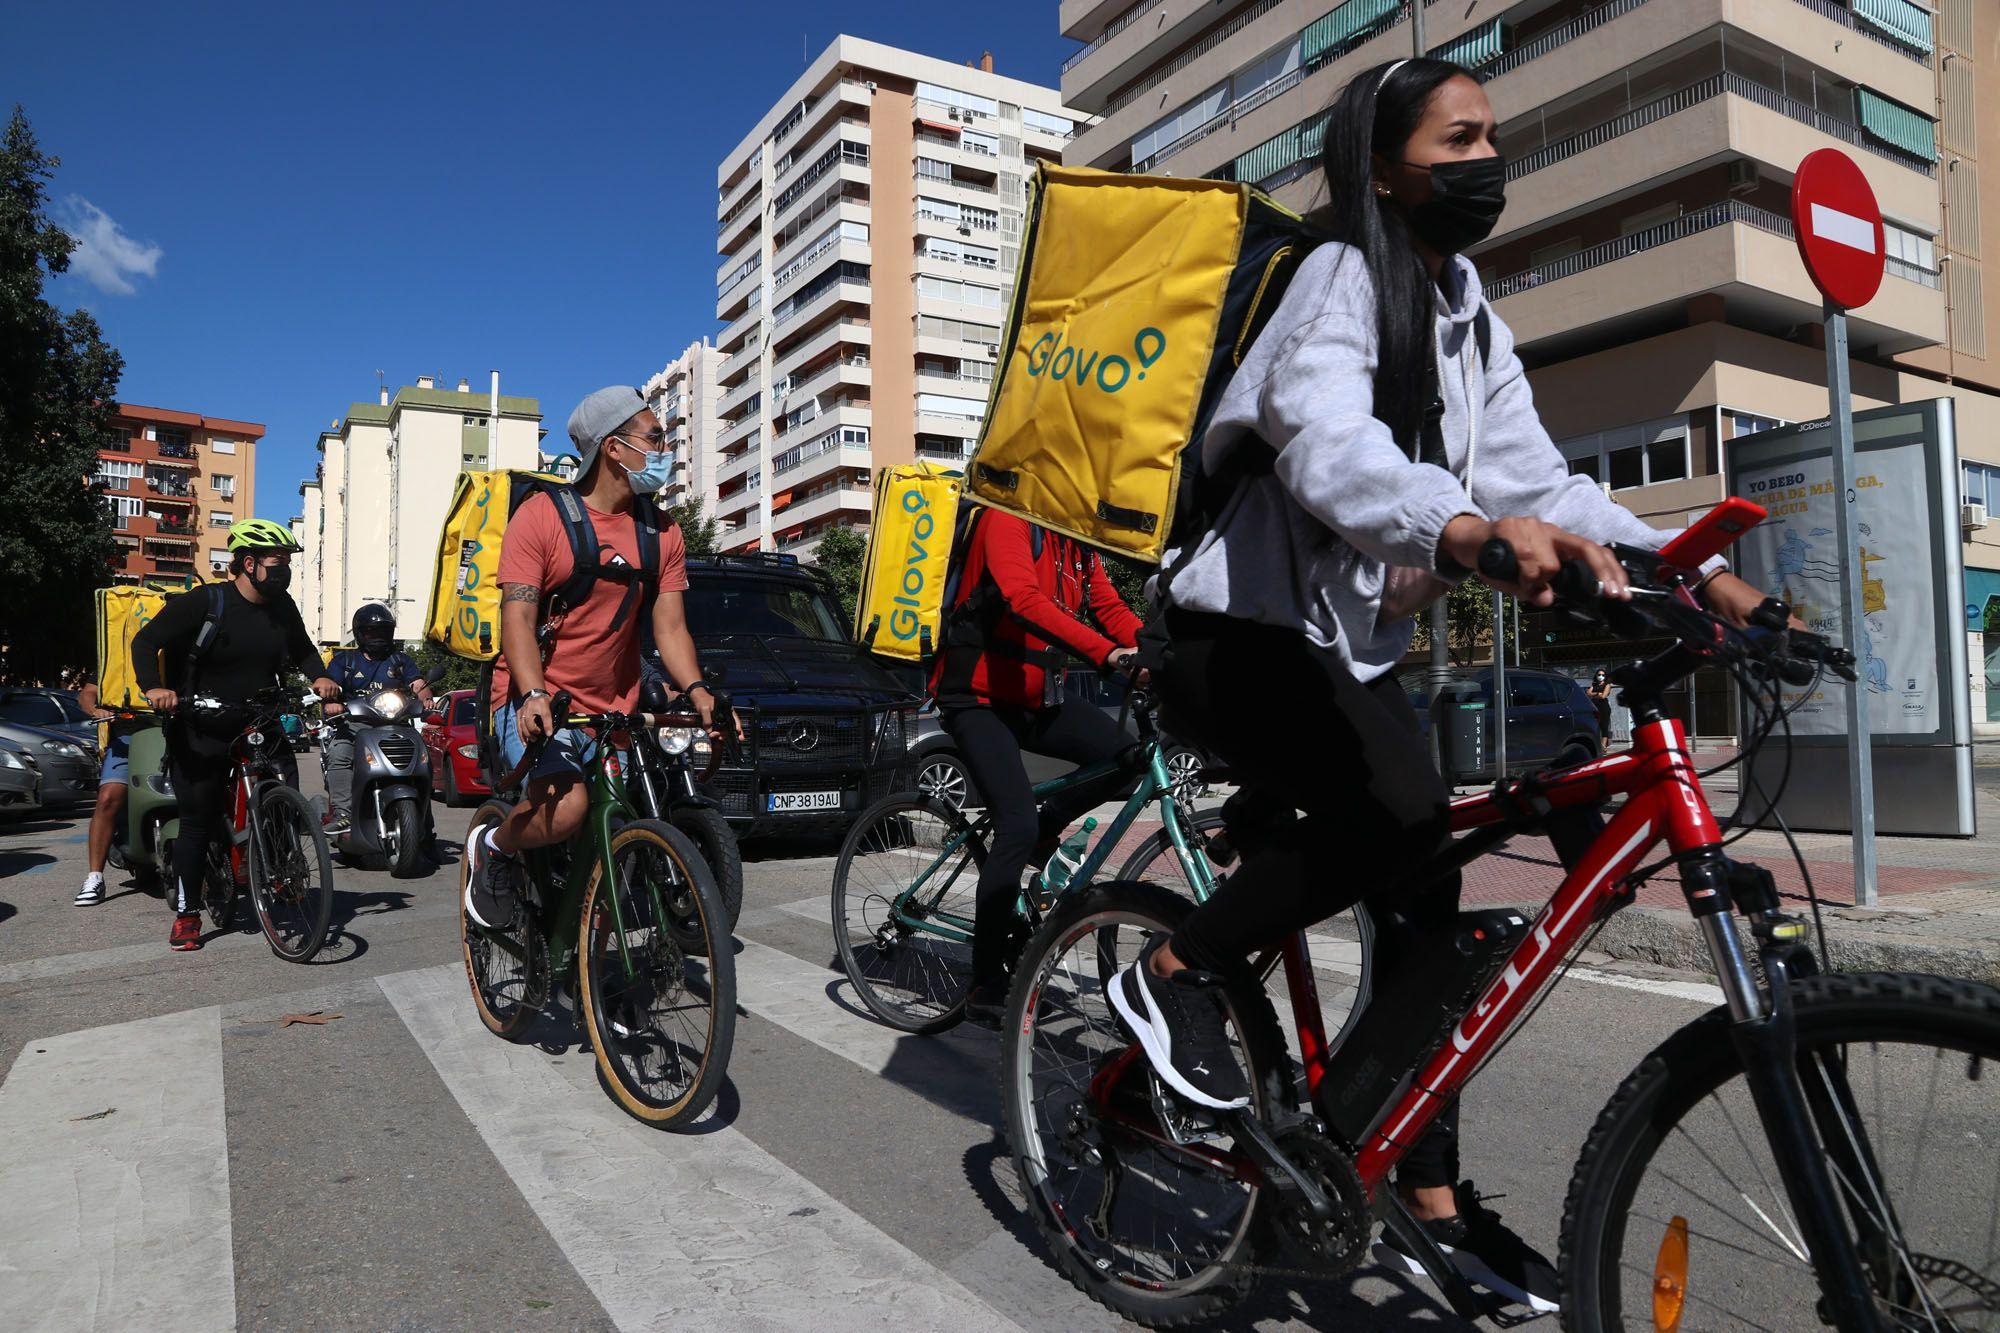 Las imágenes de la protesta contra la nueva Ley Rider en Málaga